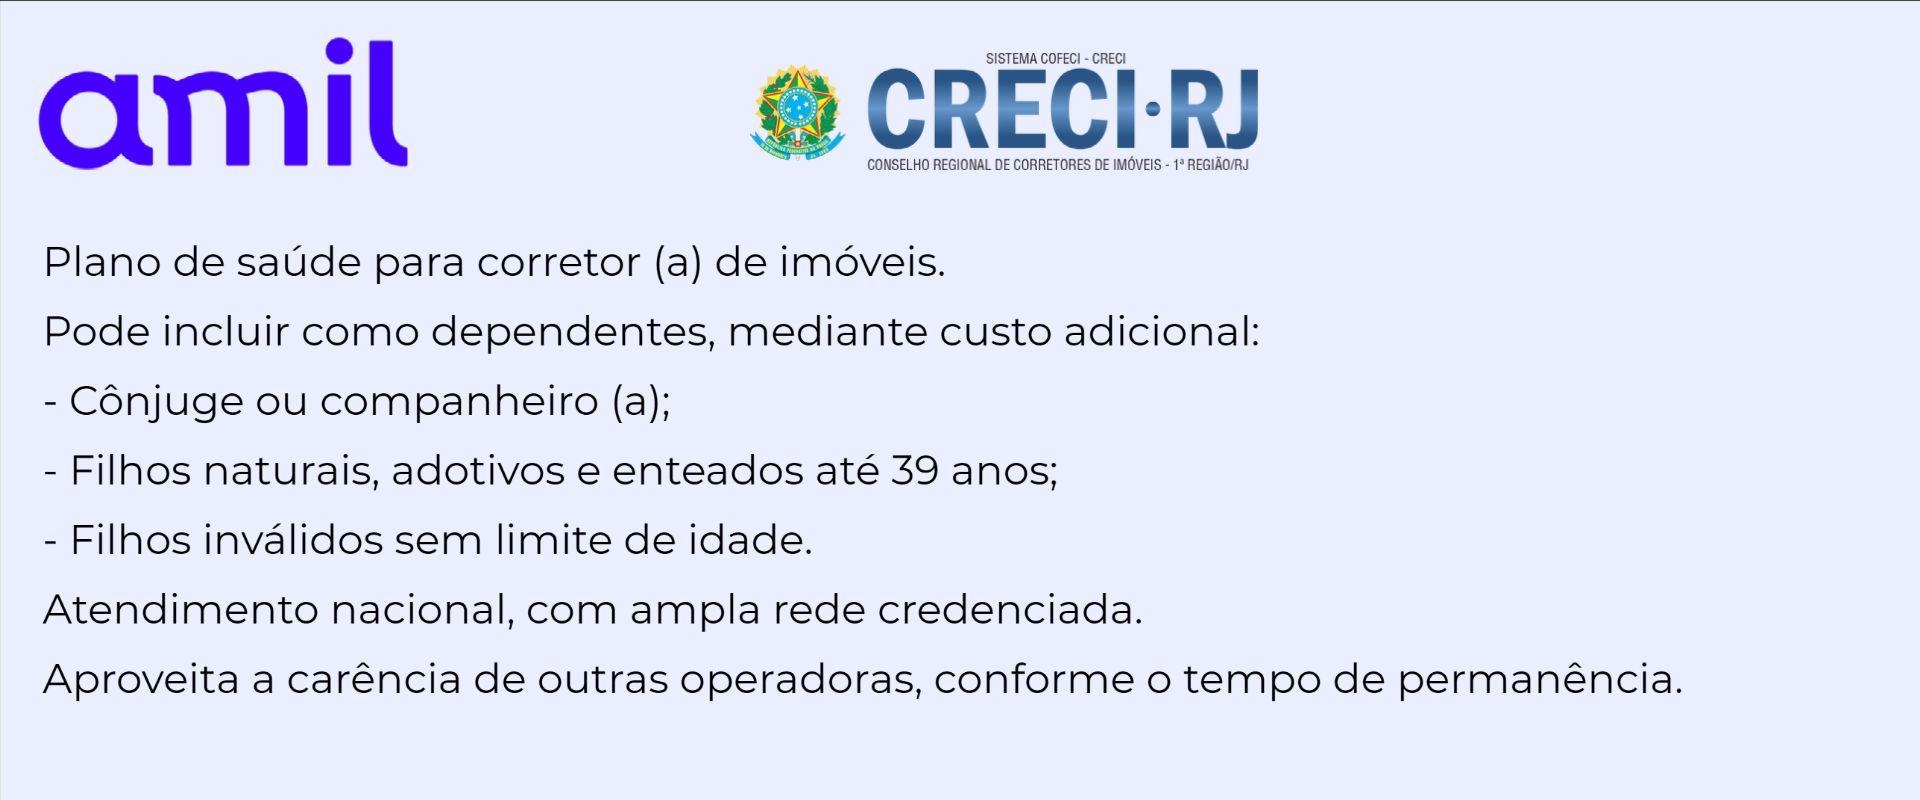 Amil CRECI-RJ